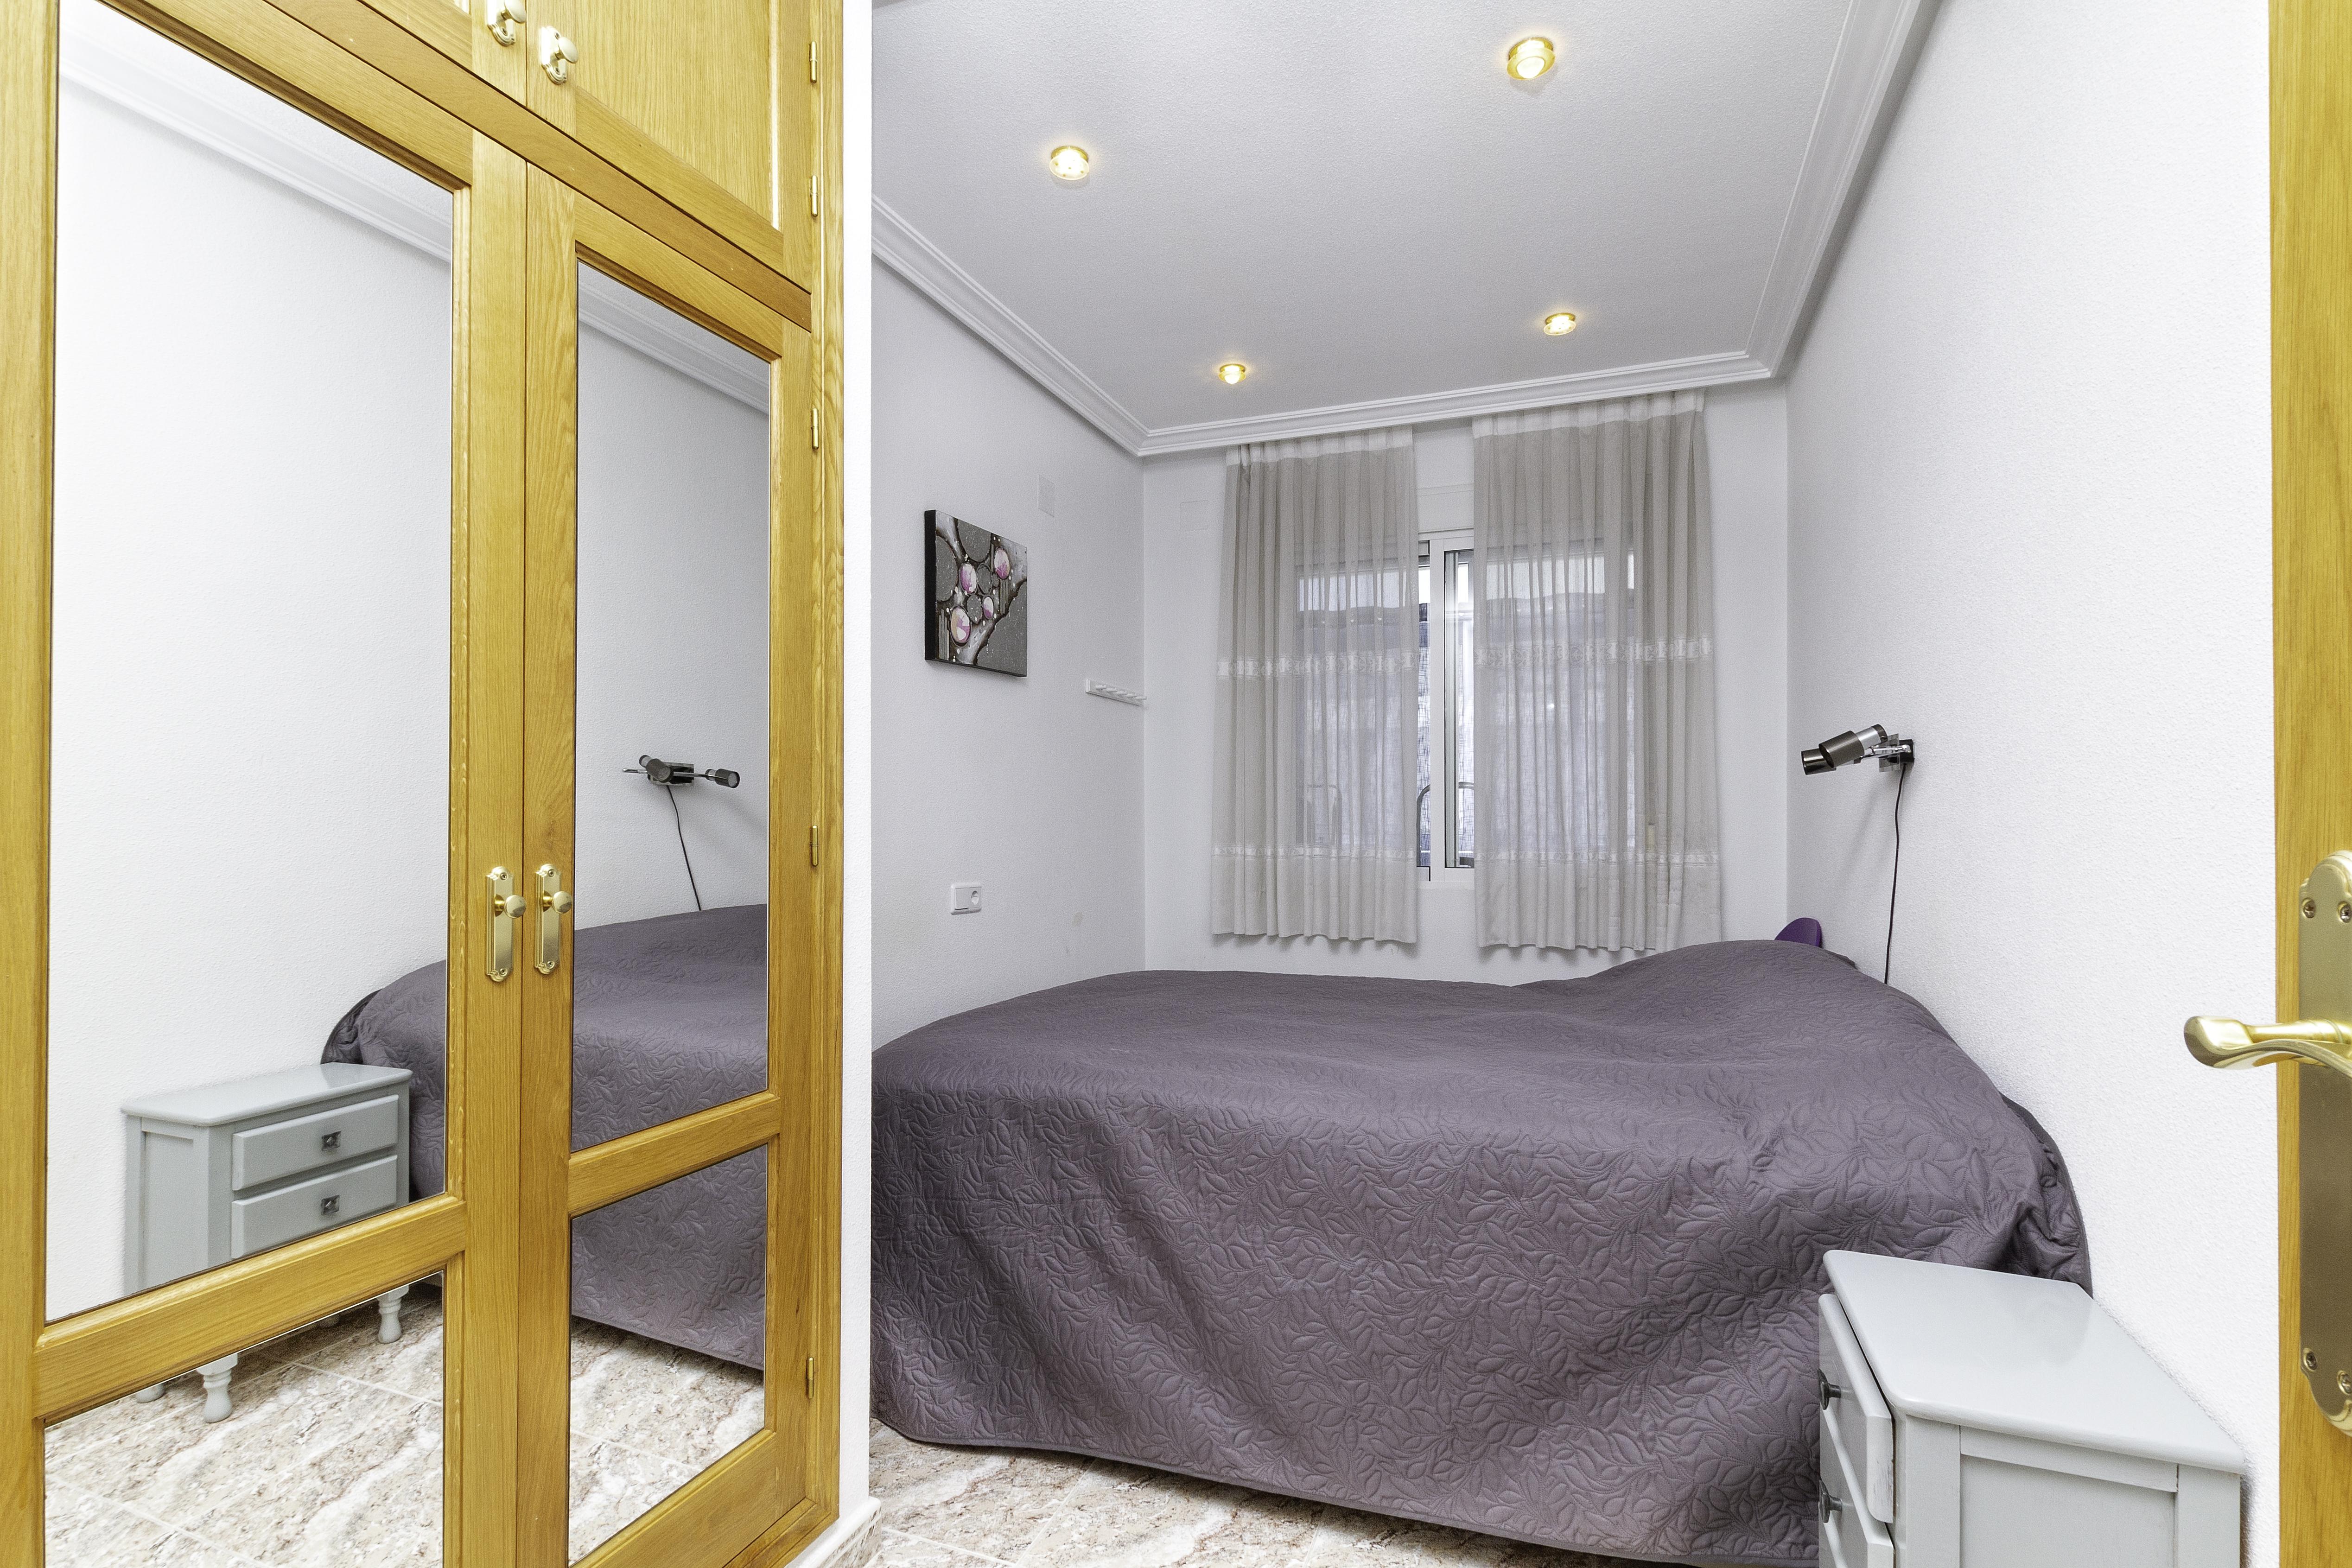 Appartement de vacances Geräumige Wohnung nur 500 Meter vom Strand entfernt (2611011), Torrevieja, Costa Blanca, Valence, Espagne, image 6